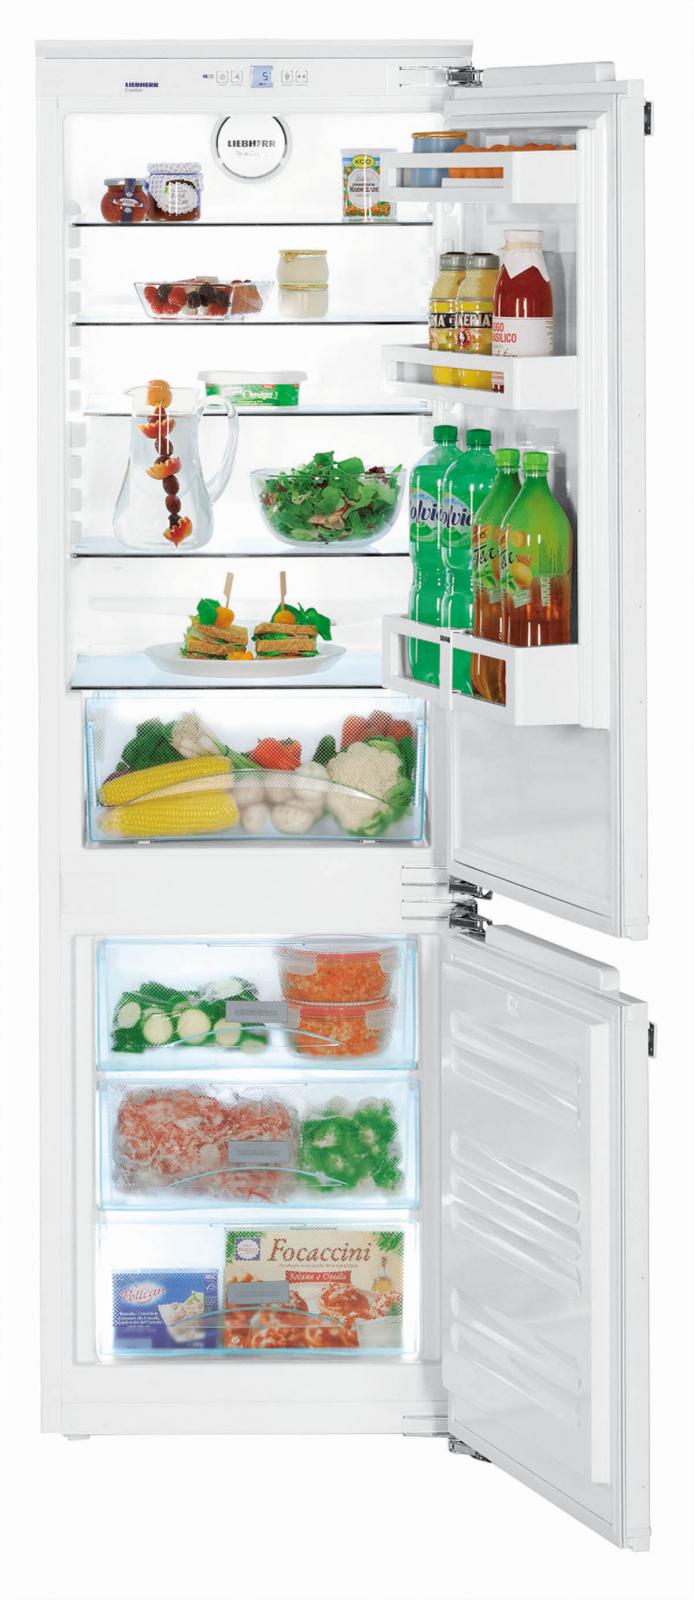 купить Встраиваемый двухкамерный холодильник Liebherr ICU 3314 Украина фото 0